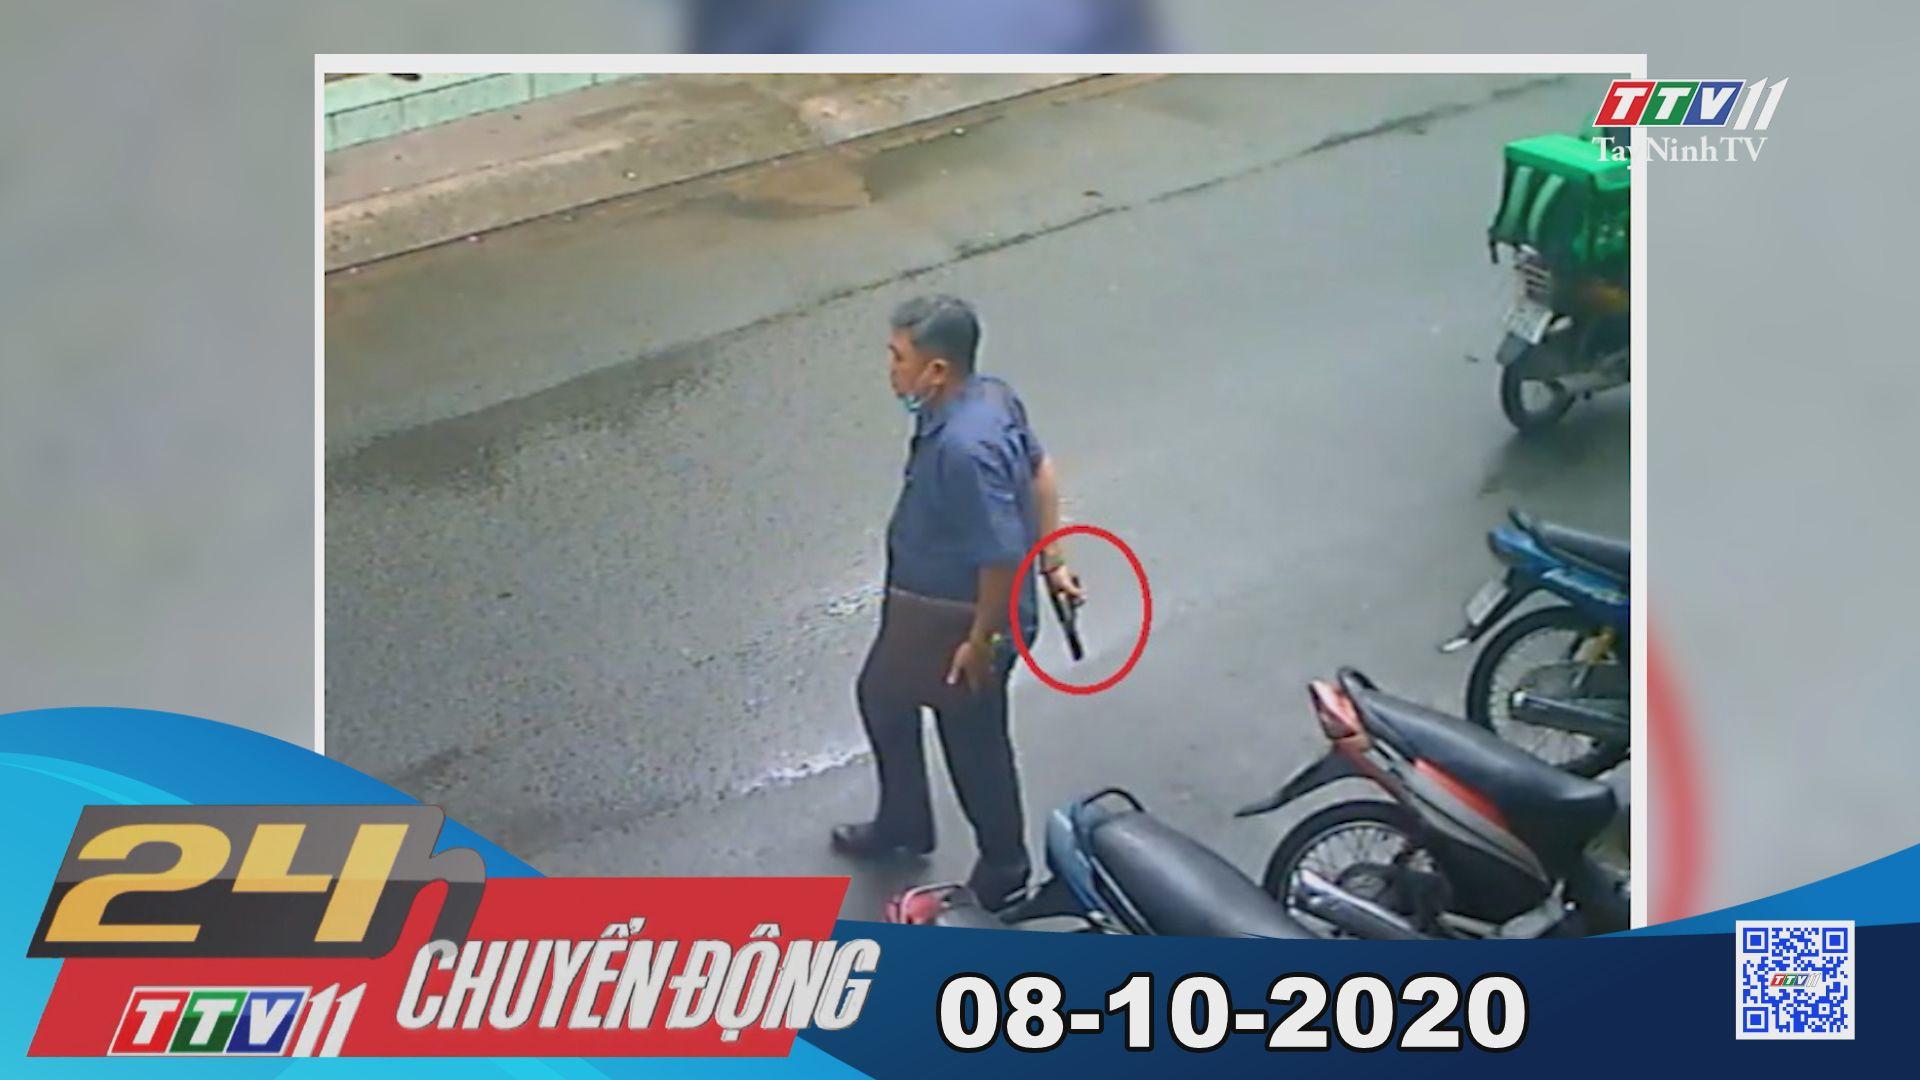 24h Chuyển động 08-10-2020 | Tin tức hôm nay | TayNinhTV